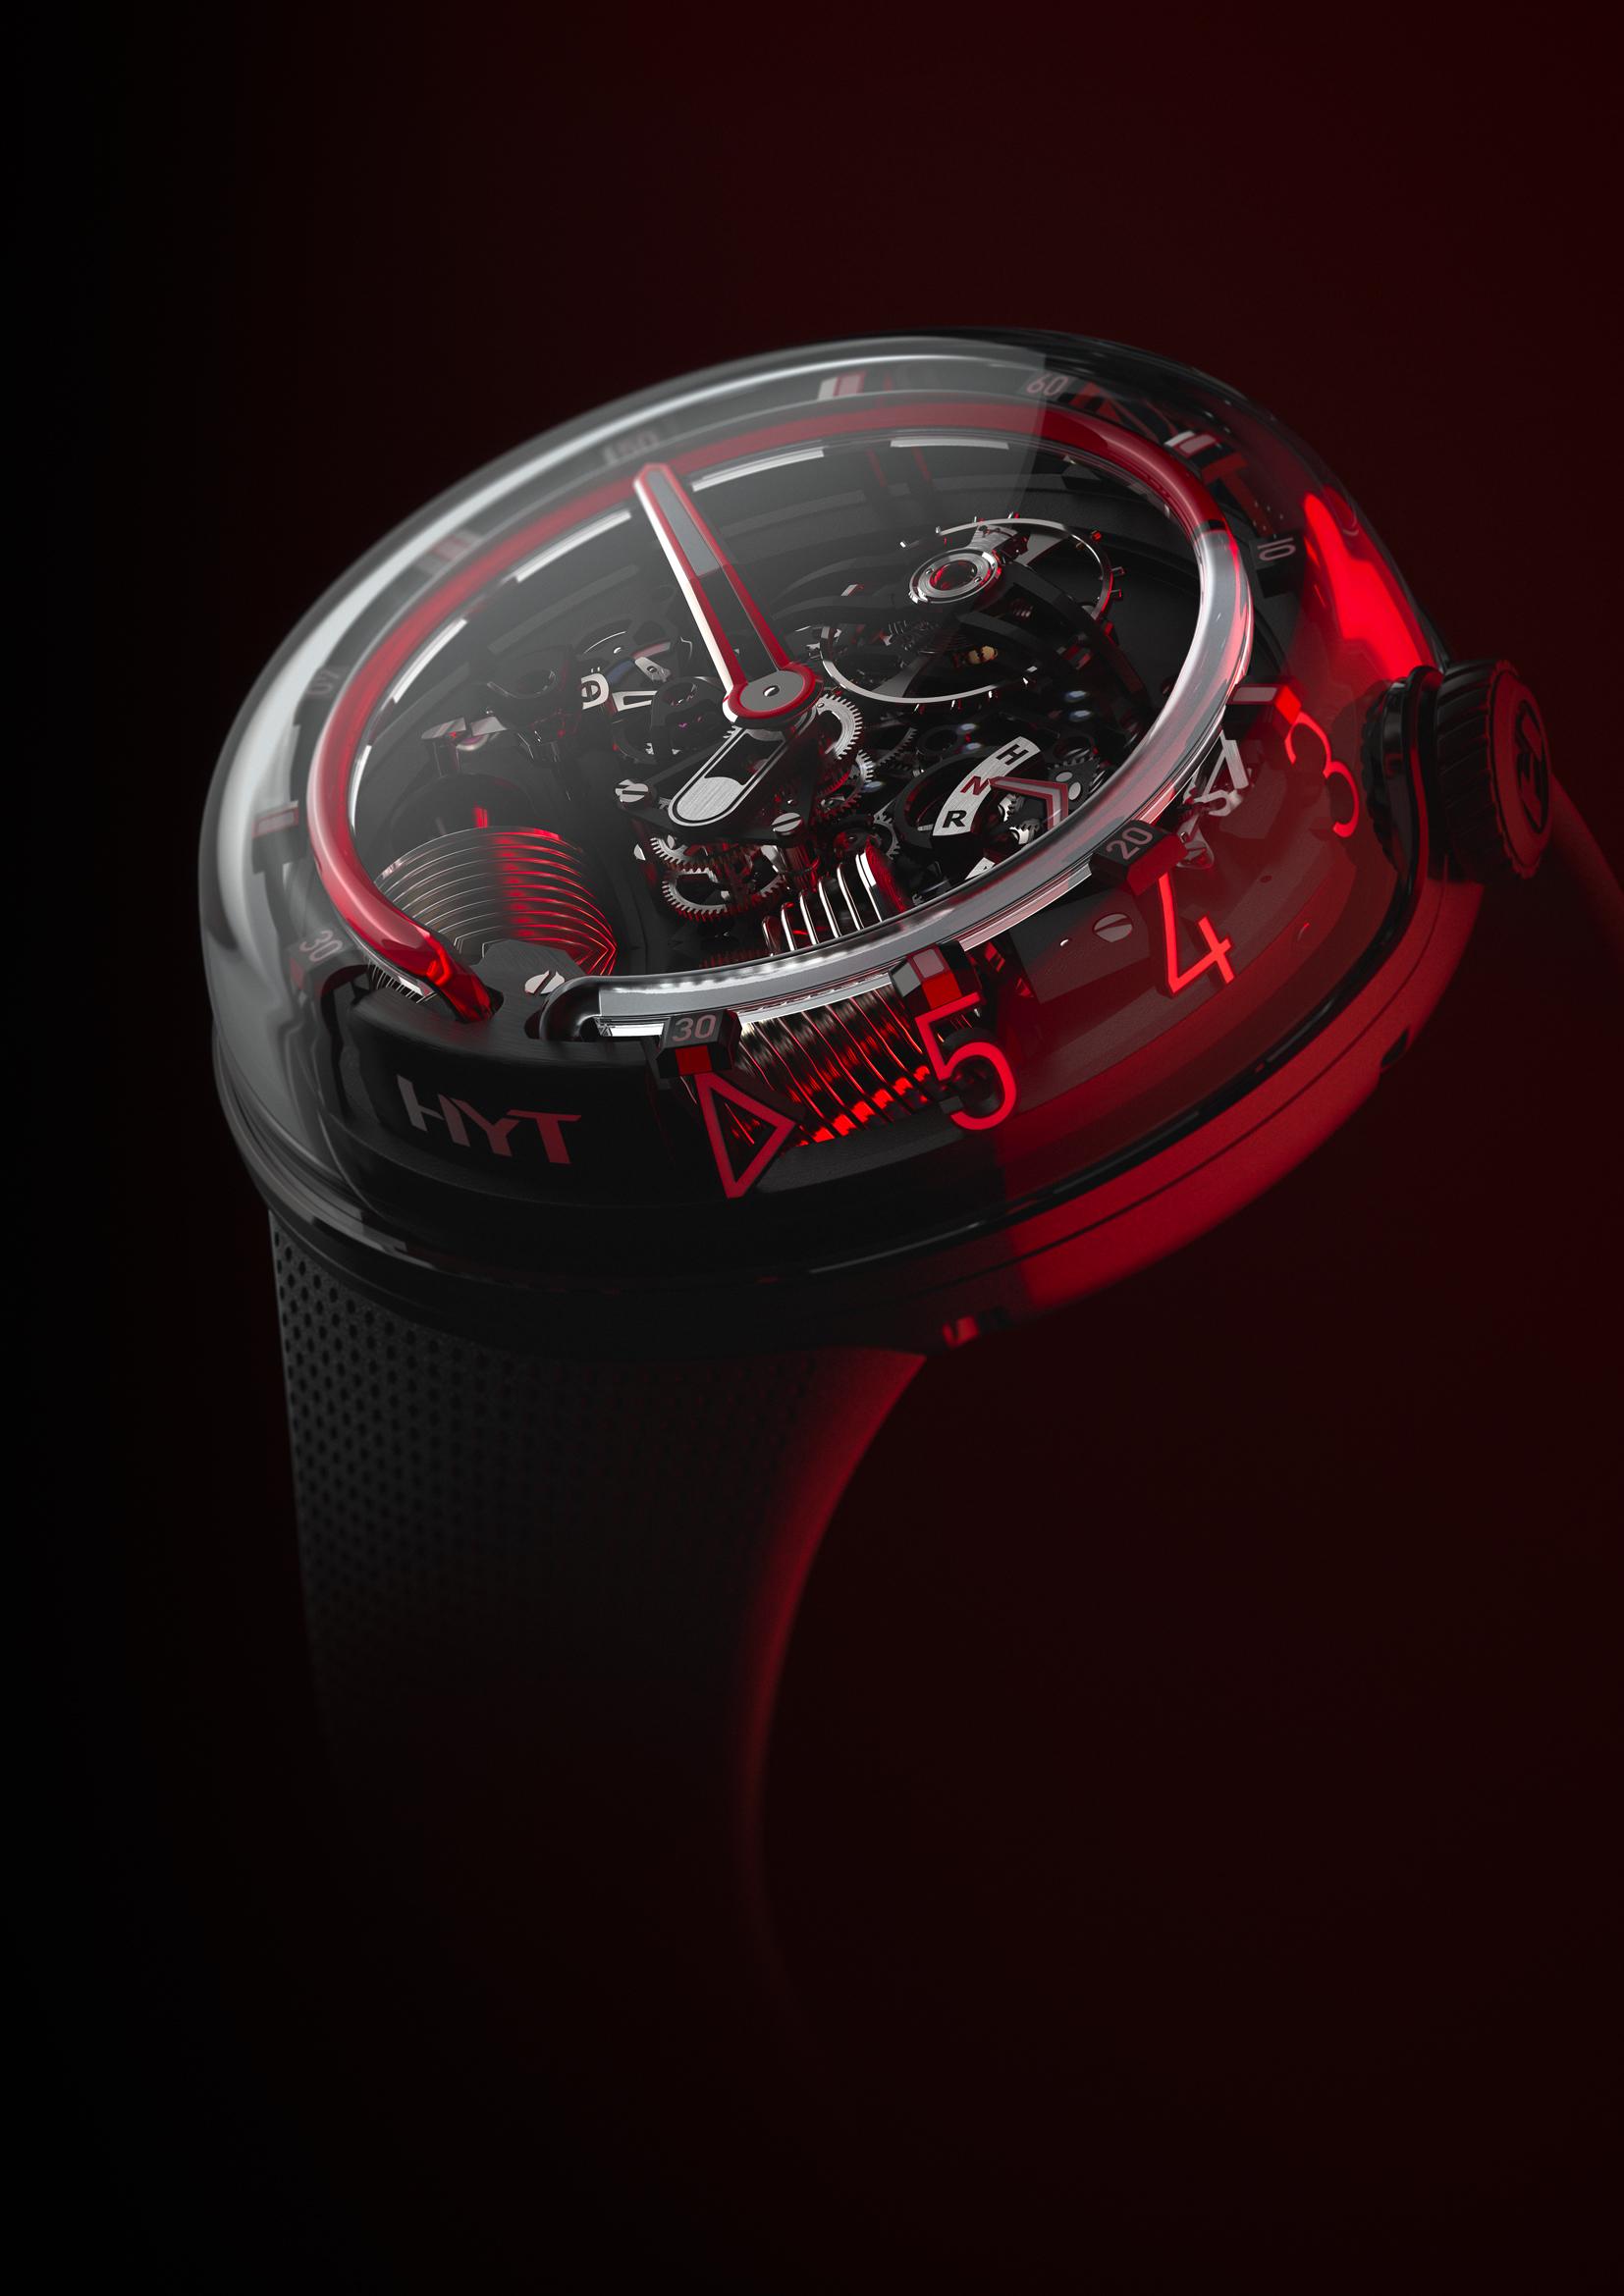 HYT-H2.0-Red-Side-72dpi.jpg